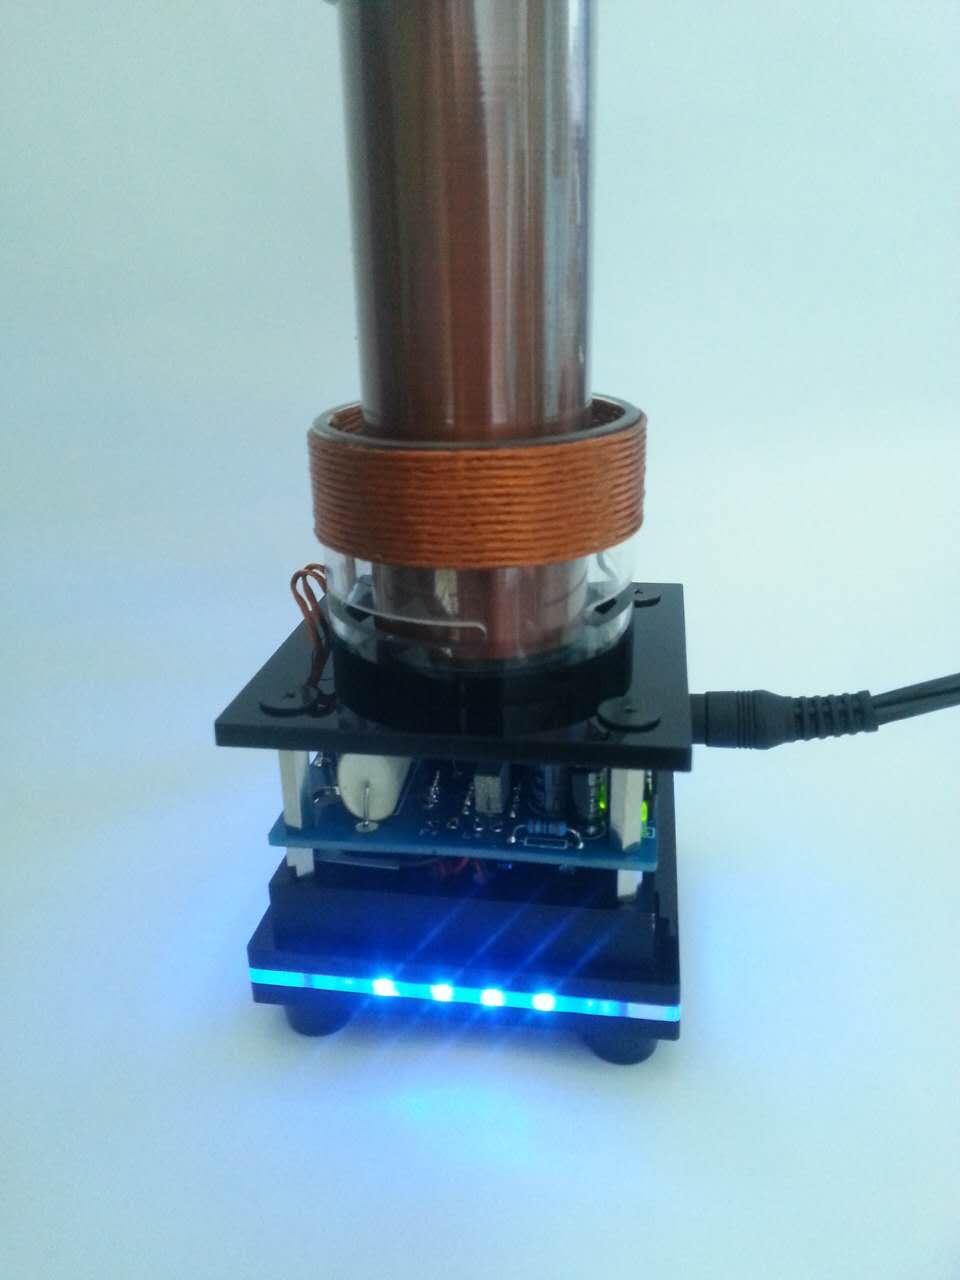 Musique Tesla bobine musique Tesla bobine Plasma haut-parleur - 4